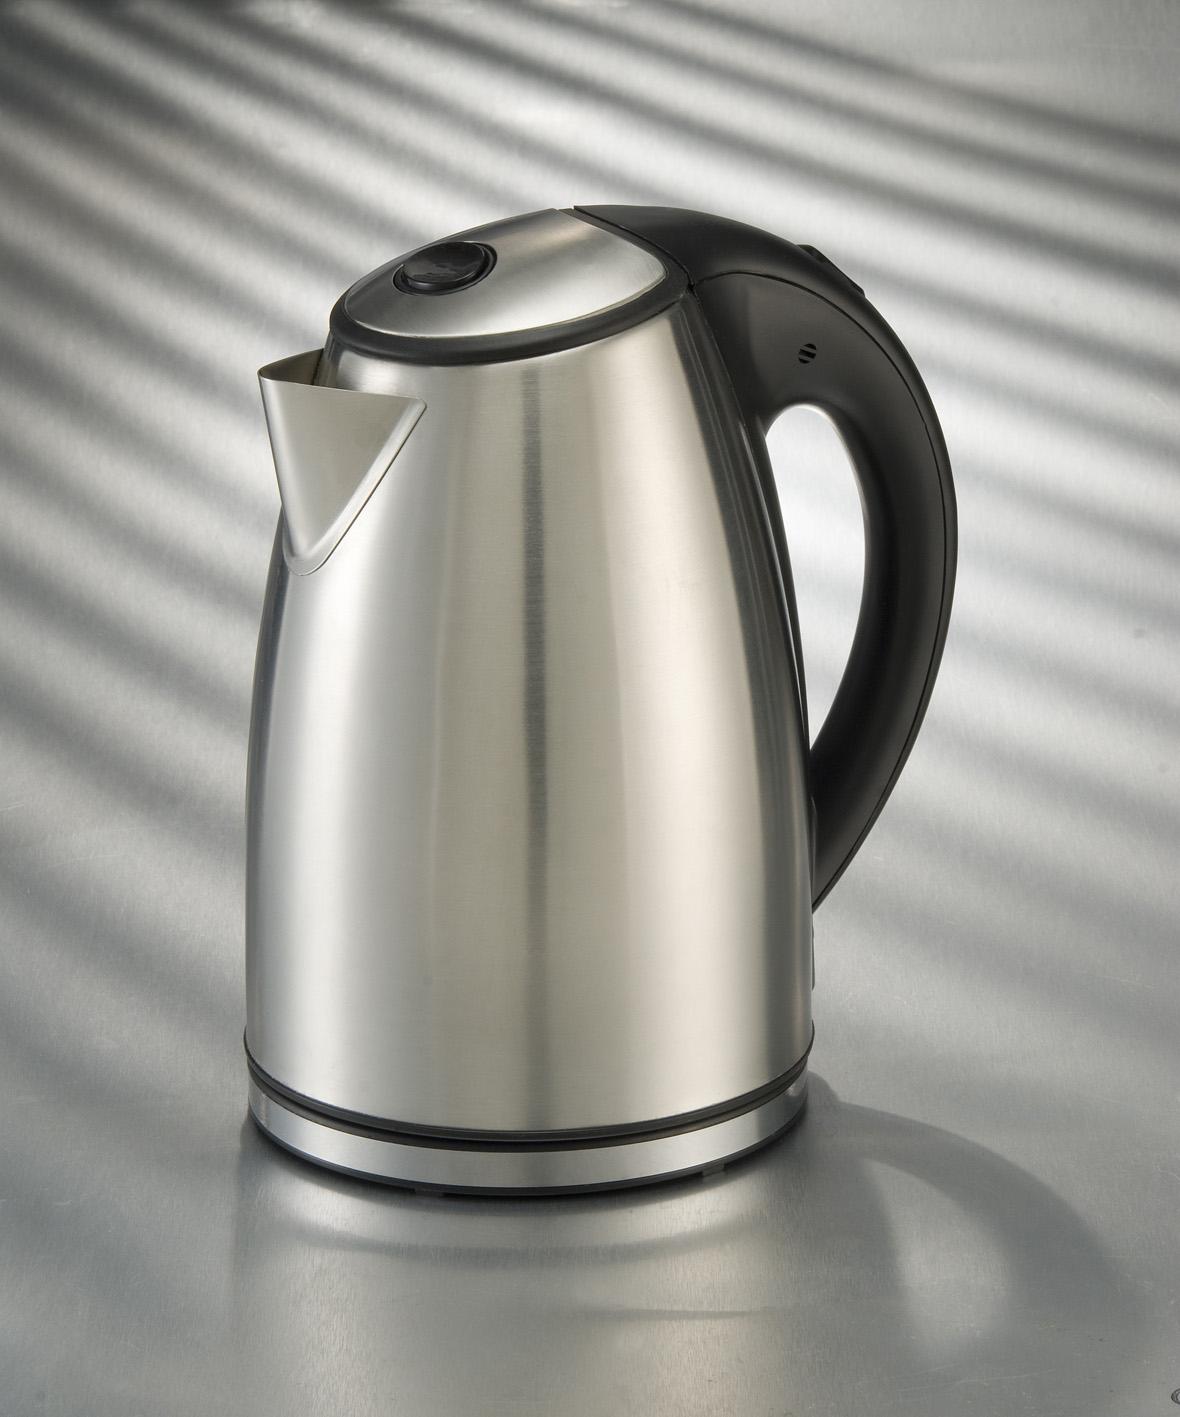 DSC_2297 kettle .jpg